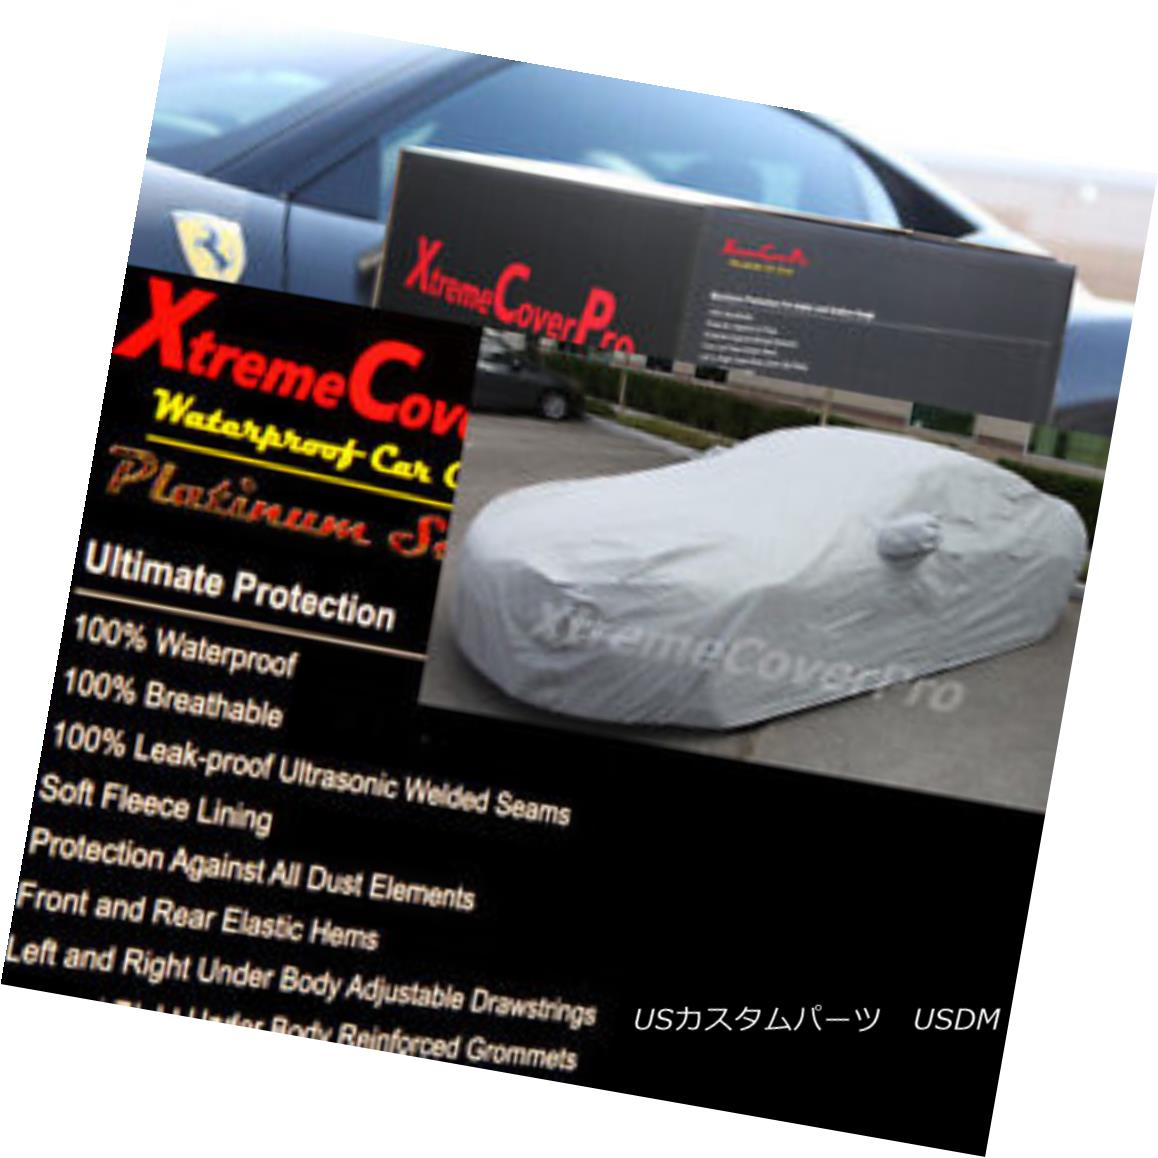 カーカバー 1988 1989 1990 1991 Chevy Cavalier Sedan Waterproof Car Cover w/MirrorPocket 1988年1989年1990年1991年シボレー・キャバリア・セダン防水カーカバー付き(MirrorPocket)